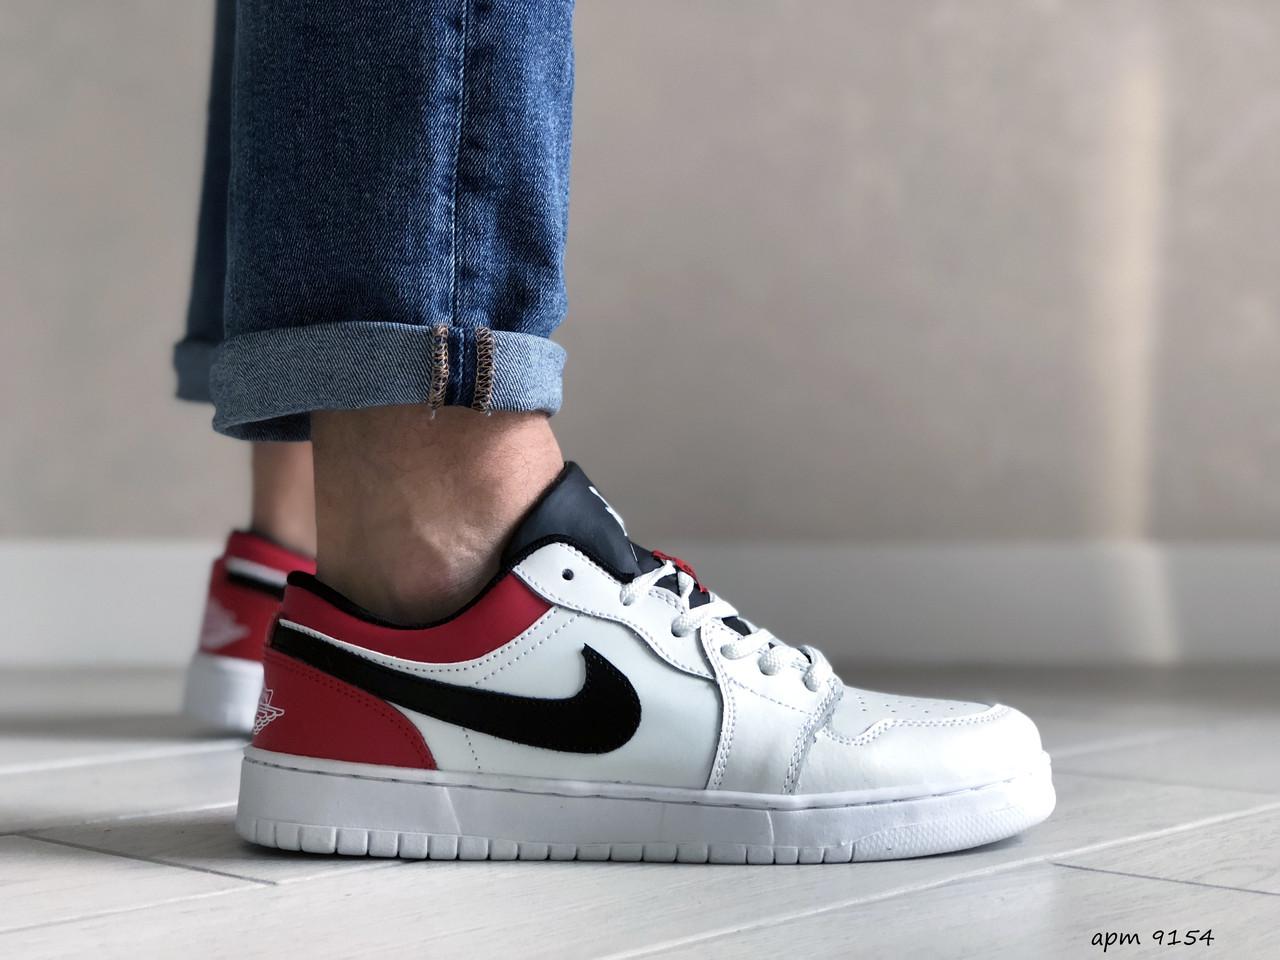 Мужские весенние кожанные кроссовки бело/красные Air Jordan 1 Low